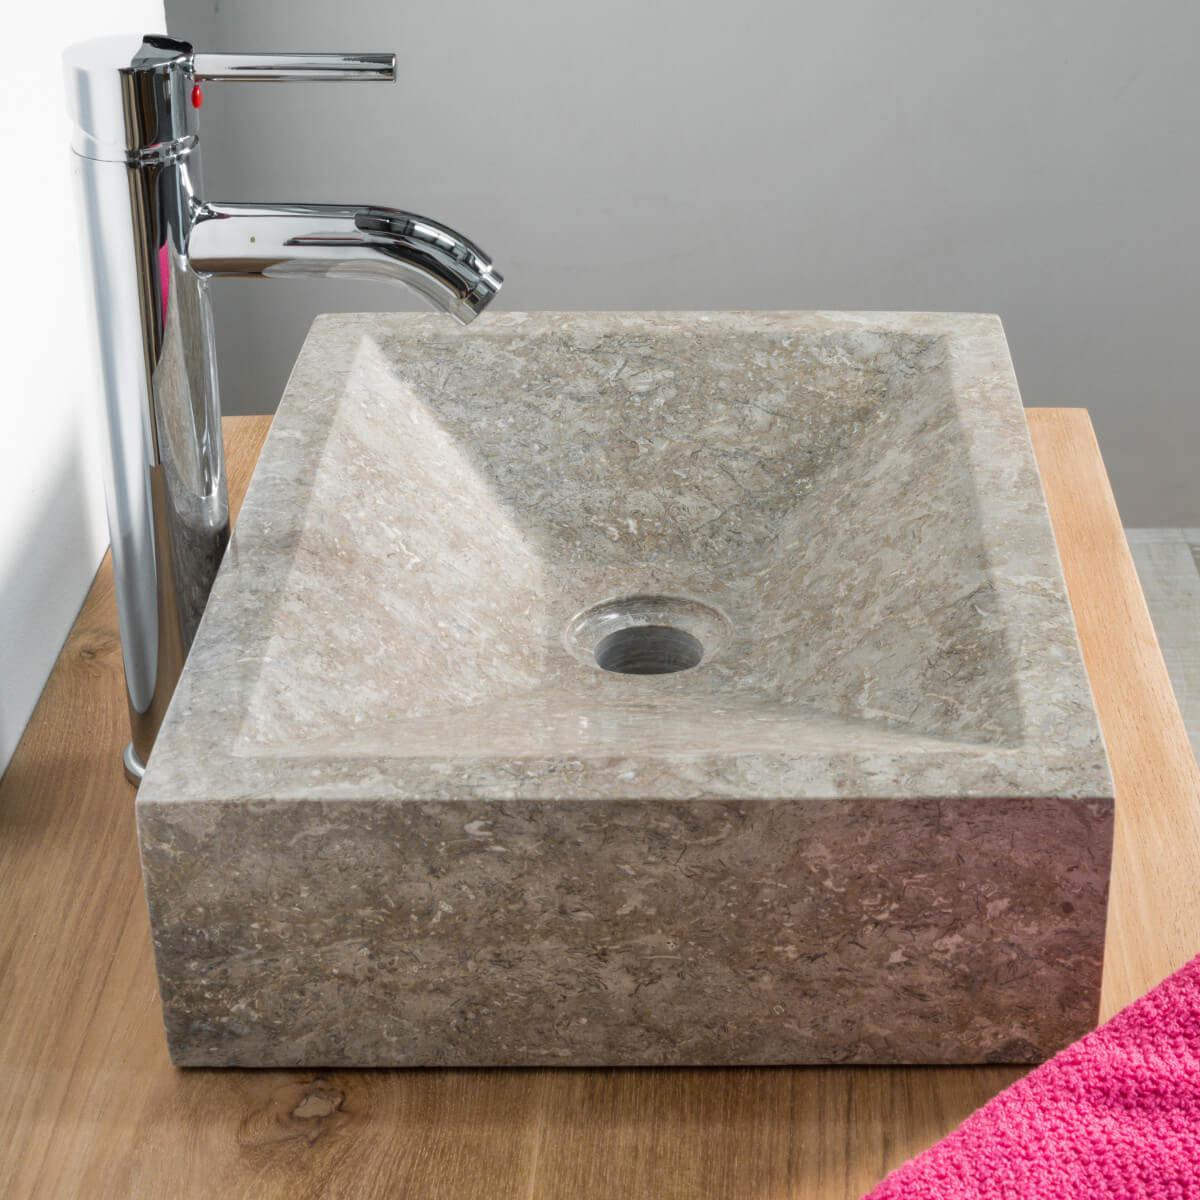 Vasque salle de bain a poser avec haute résolution fonds d'écran ...